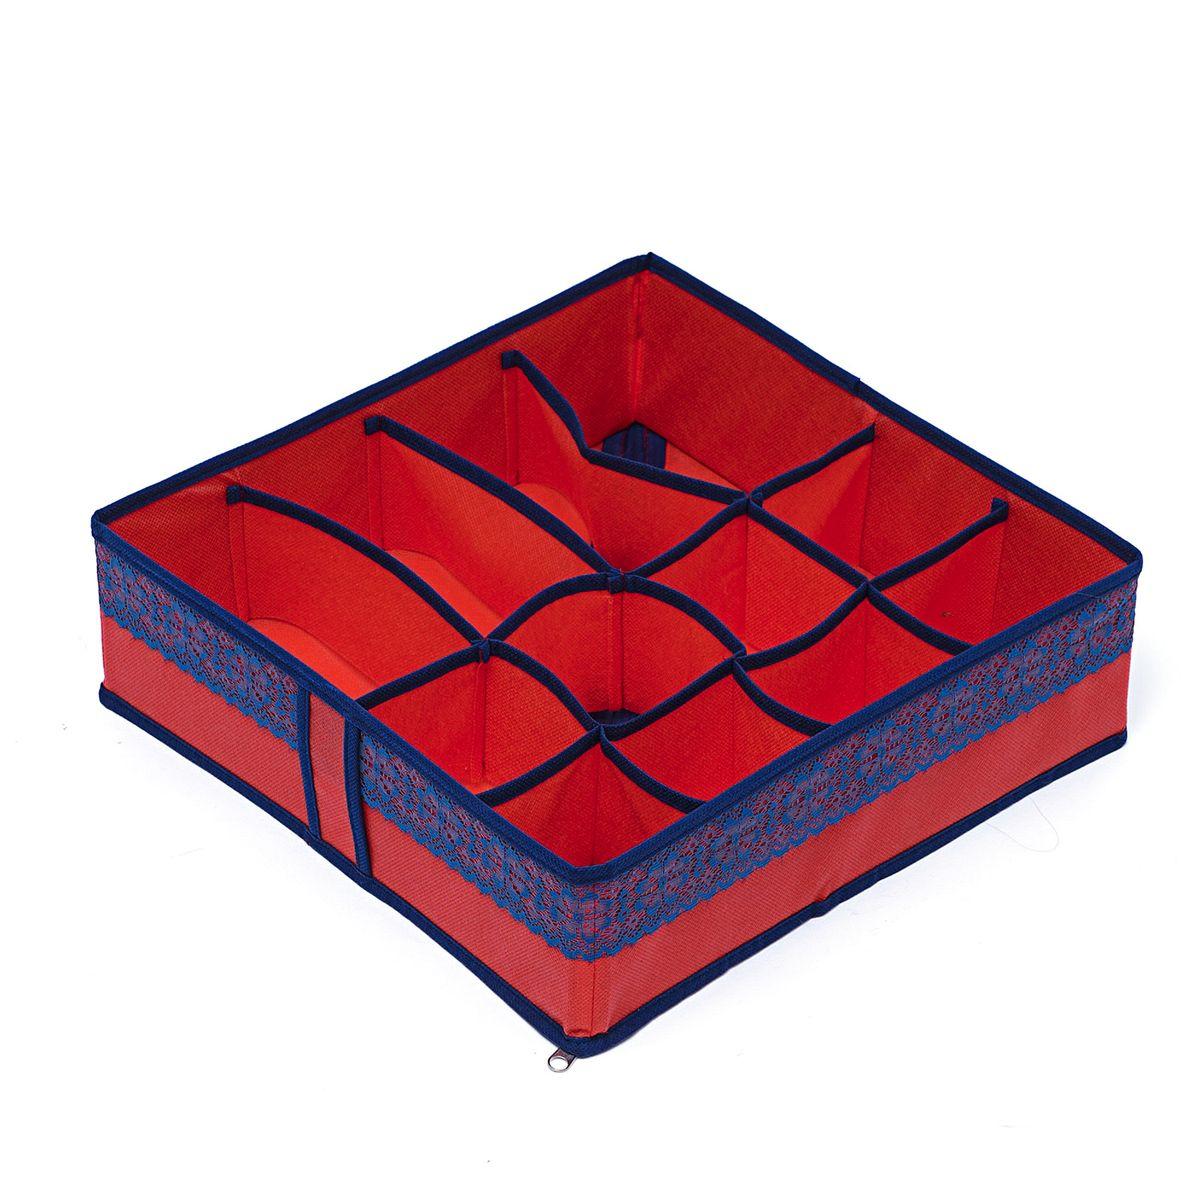 Органайзер для хранения вещей Homsu Rosso, 12 ячеек , 35 х 35 х 10 см12723Компактный органайзер Homsu Rosso изготовлен из высококачественного полиэстера, который обеспечивает естественную вентиляцию. Материал позволяет воздуху свободно проникать внутрь, но не пропускает пыль. Органайзер отлично держит форму, благодаря вставкам из плотного картона. Изделие имеет 12 квадратных секций для хранения нижнего белья, колготок, носков и другой одежды.Такой органайзер позволит вам хранить вещи компактно и удобно, а оригинальный дизайн сделает вашу гардеробную красивой и невероятно стильной.